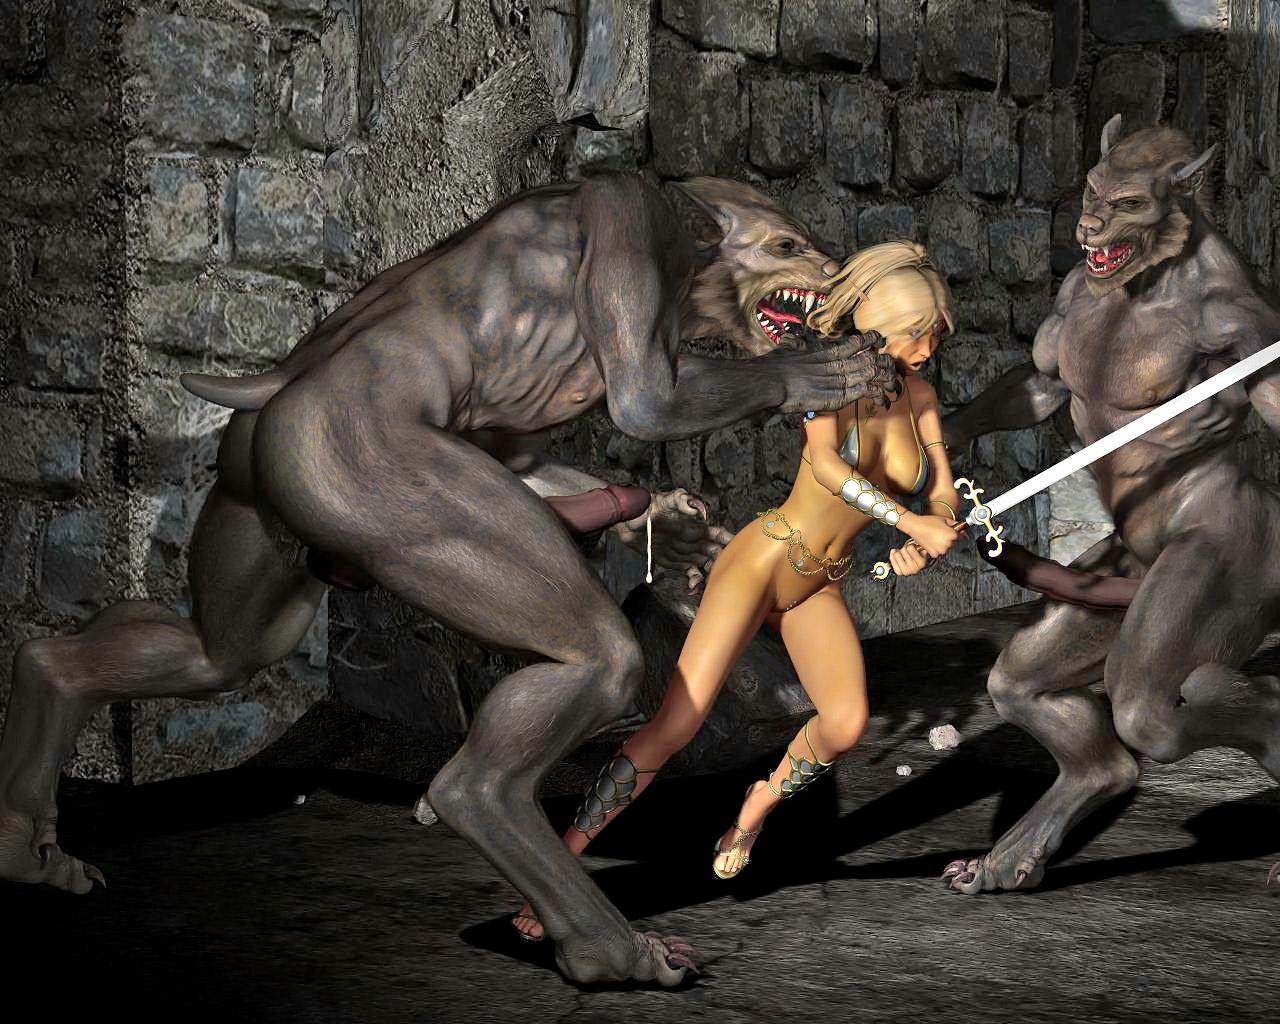 Demon sex galleries nackt scenes